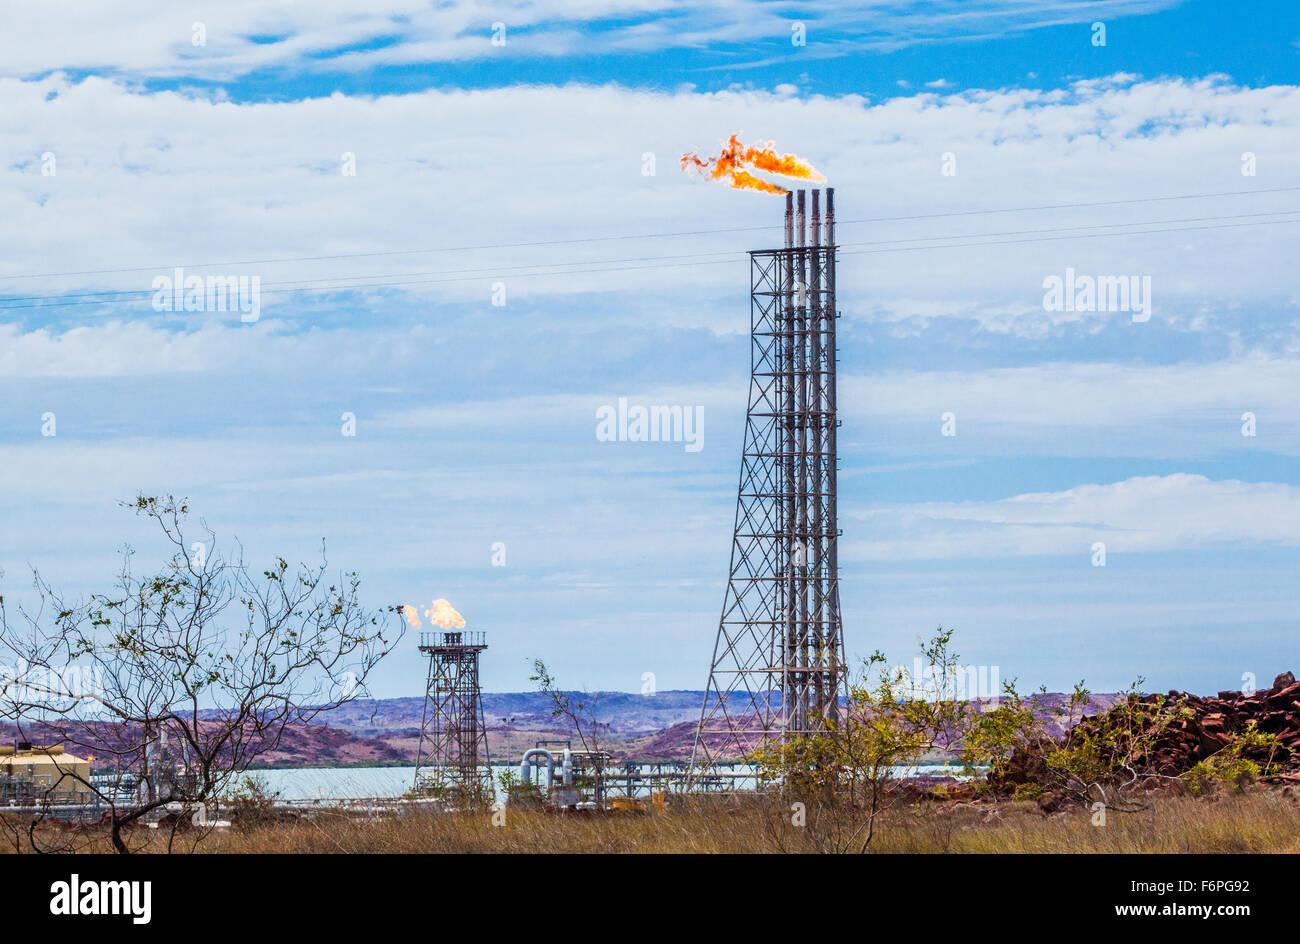 L'Australie, Australie occidentale, Pilbara, Karratha, torchères de gaz à Woodside usine de traitement de gaz sur la péninsule de Burrup Banque D'Images